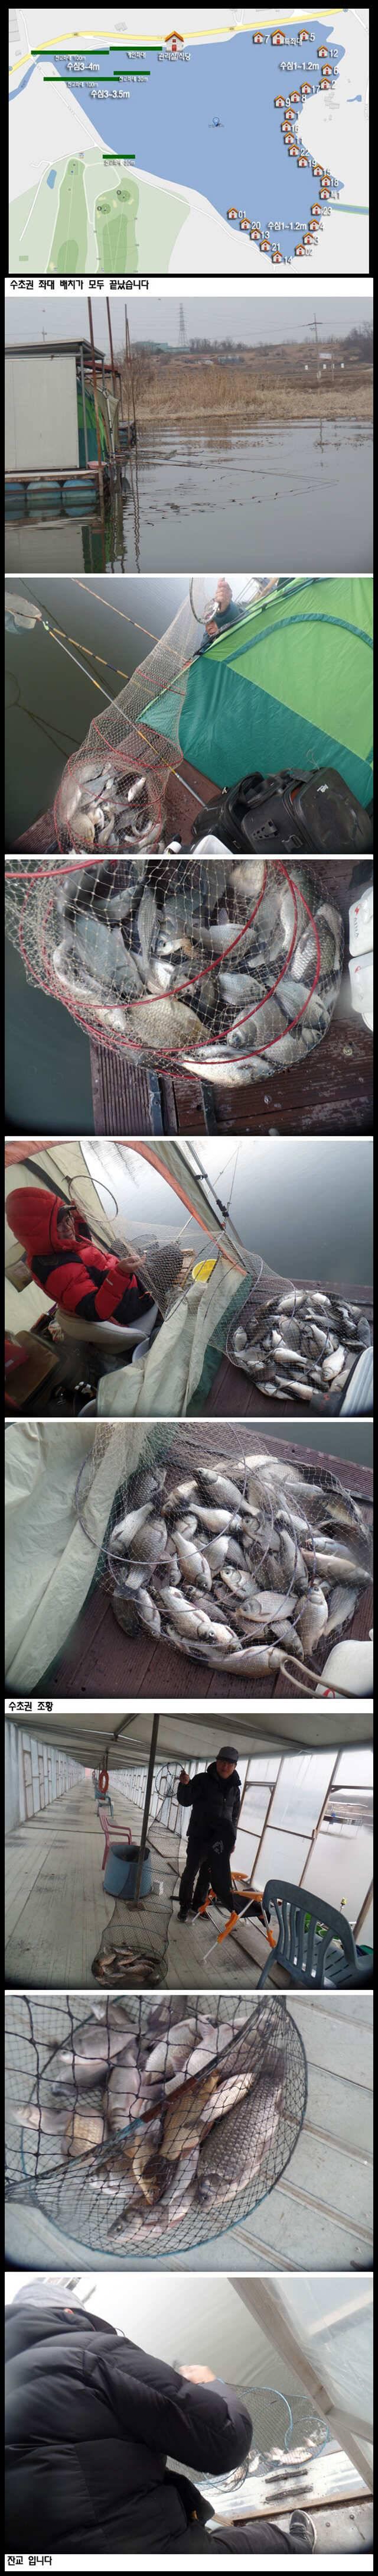 fish_pay_f3ccd_050158_63513.jpg